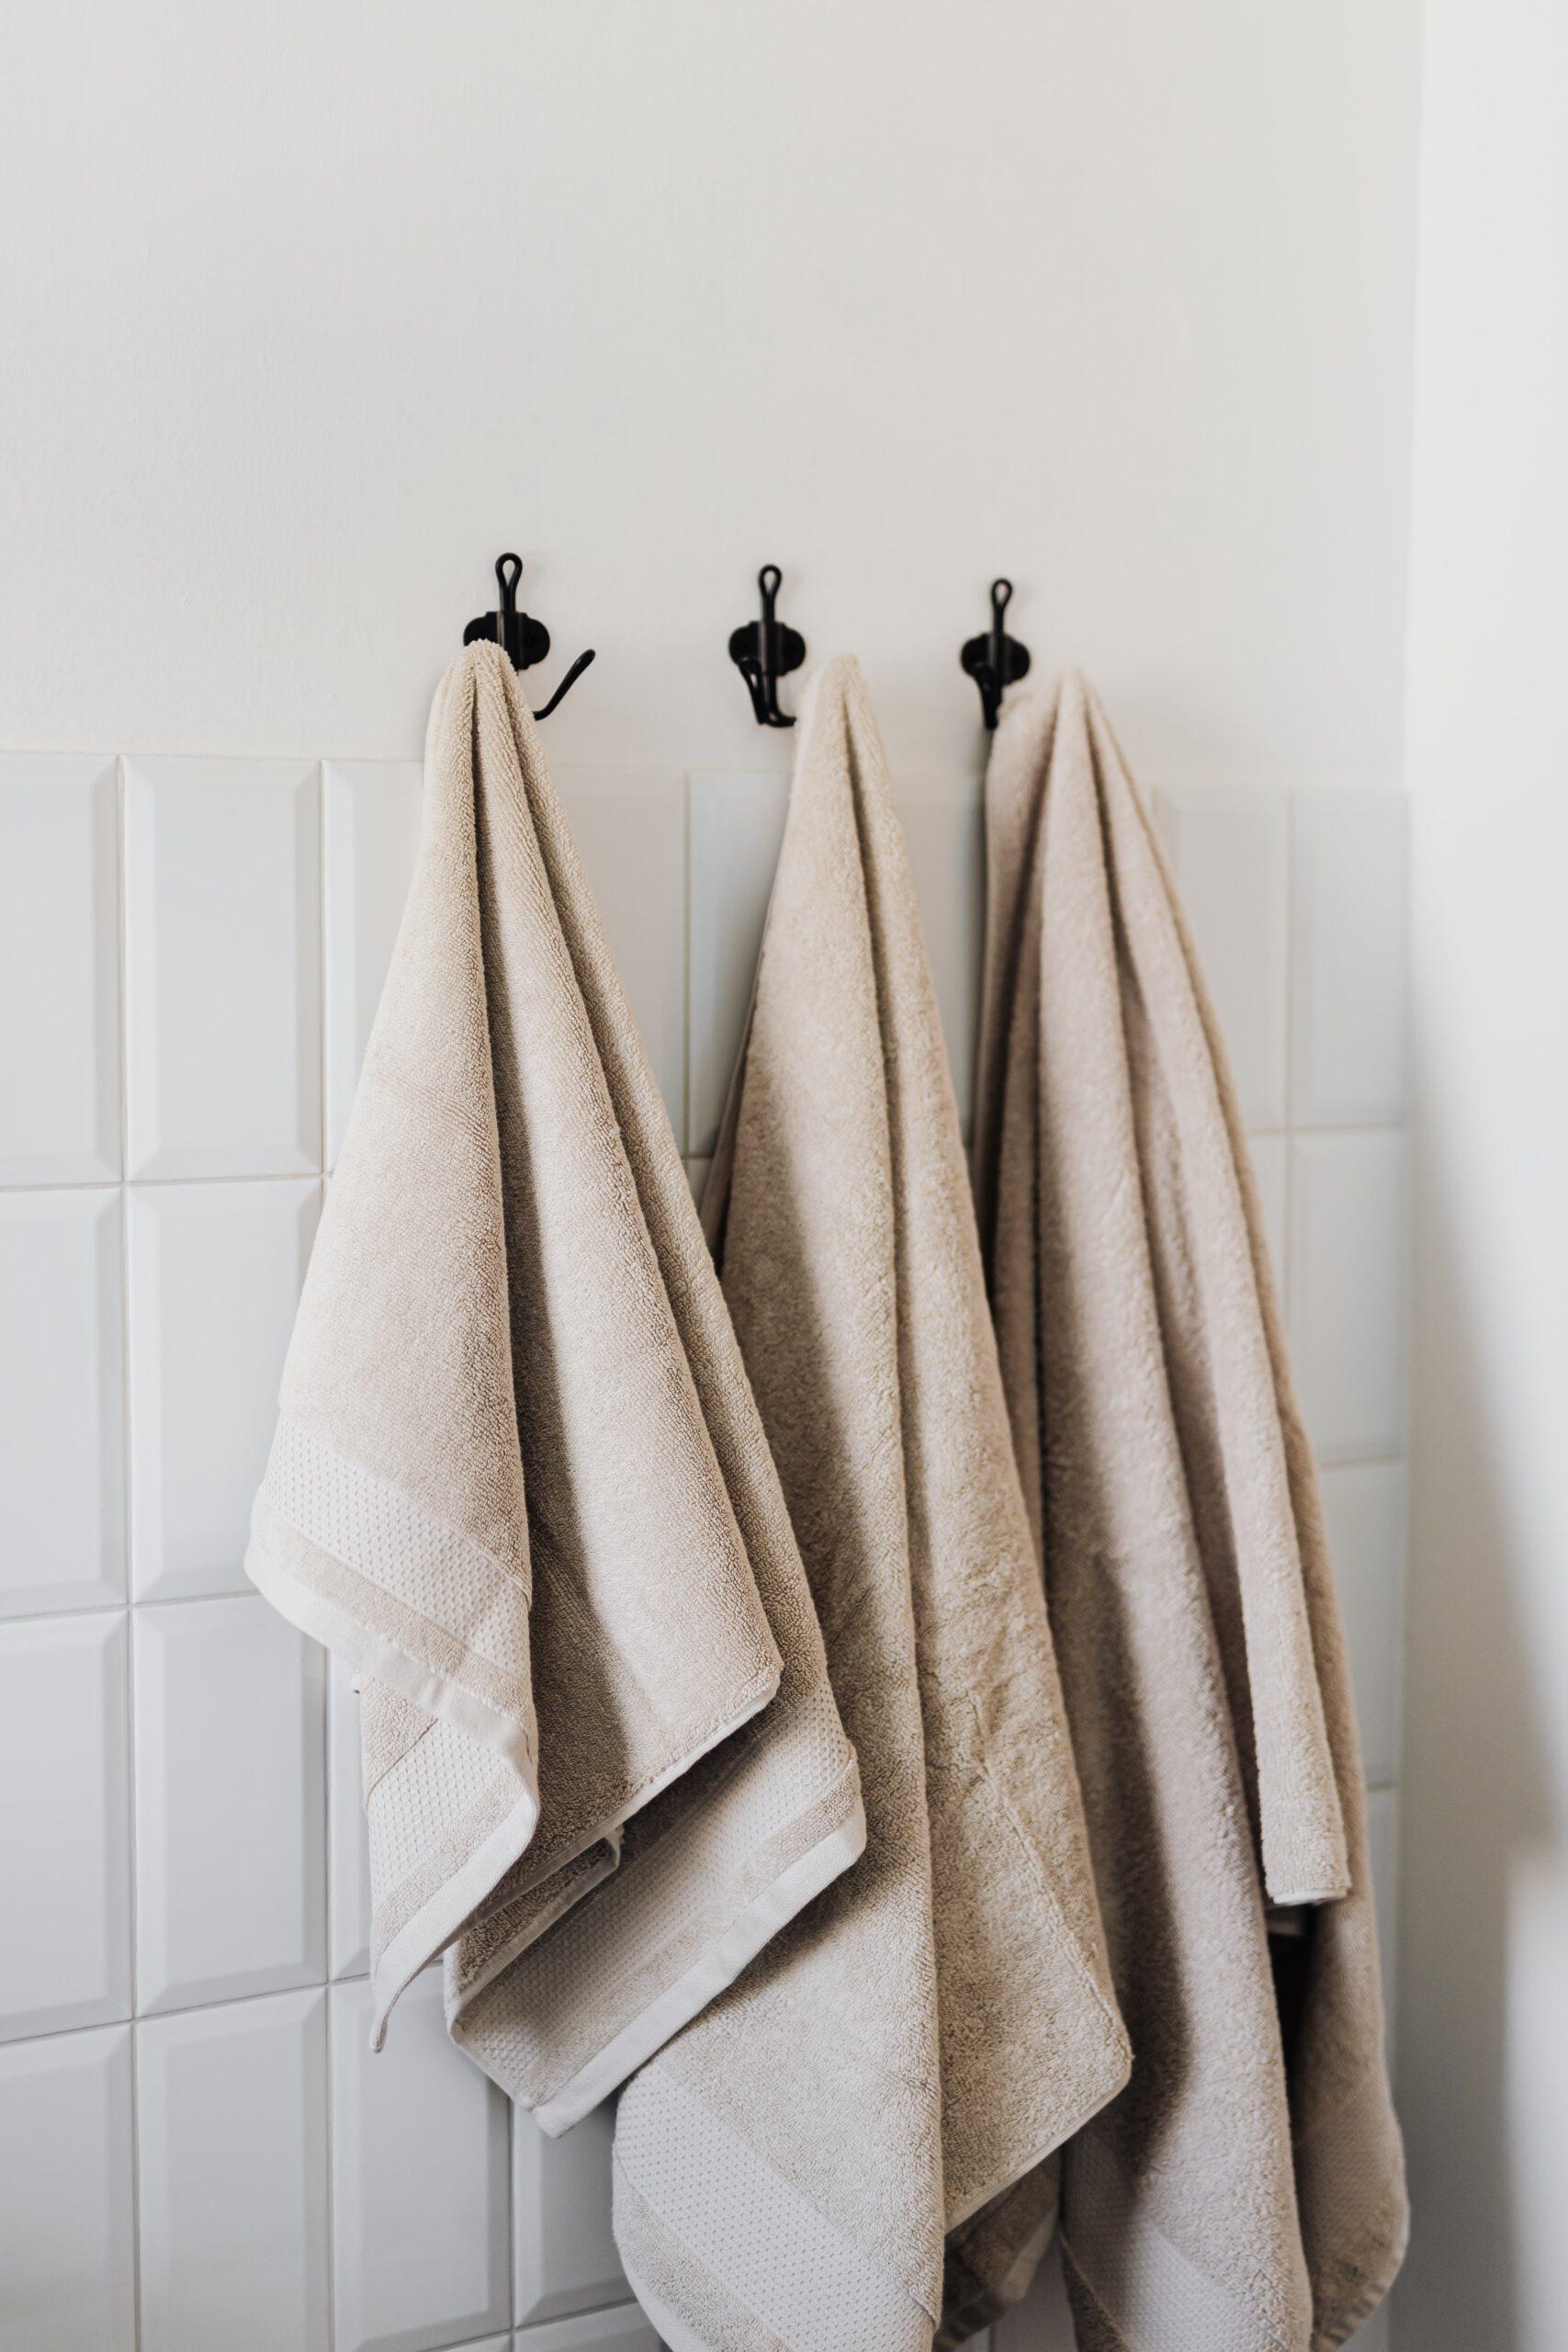 elektrische handdoekradiator